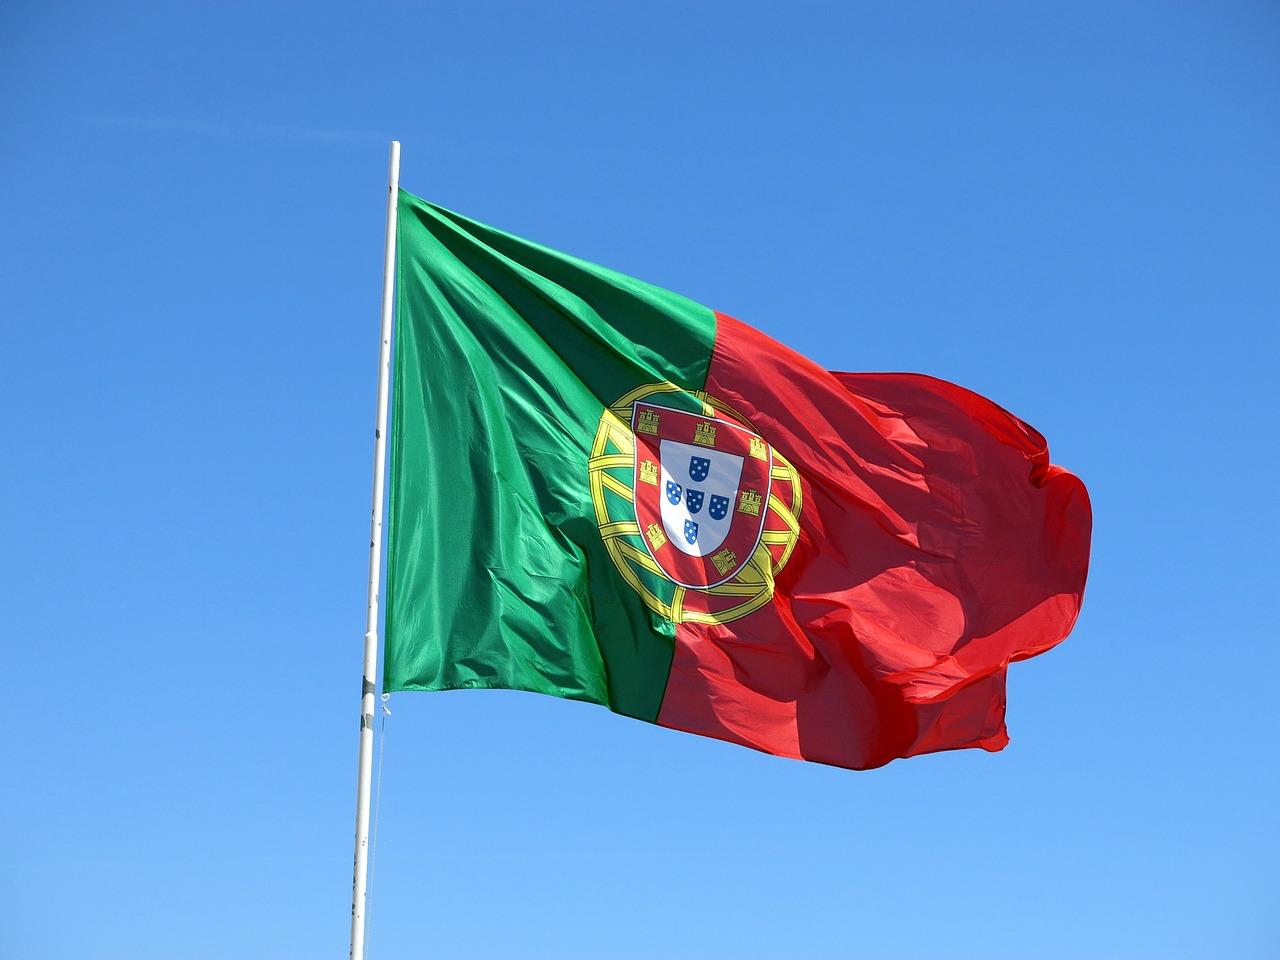 vlající vlajka Portugalska